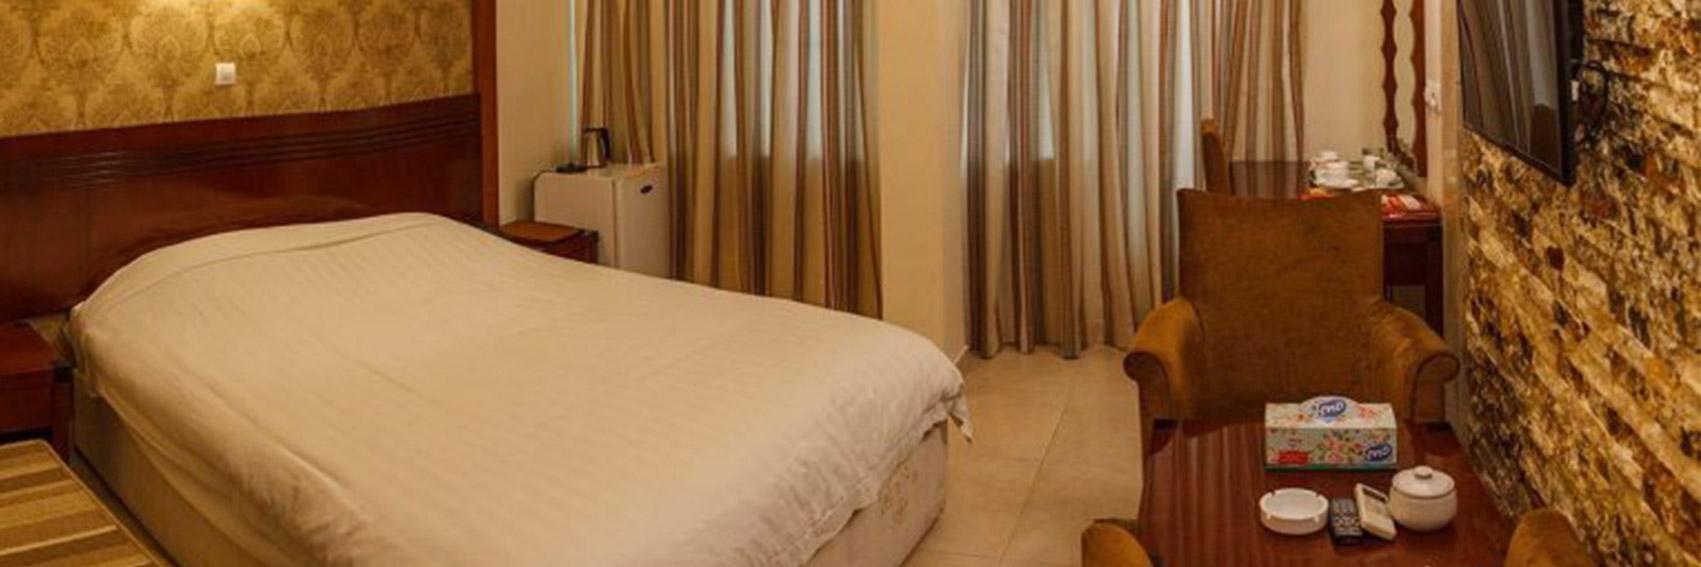 اتاق های شیک هتل فلامینگو